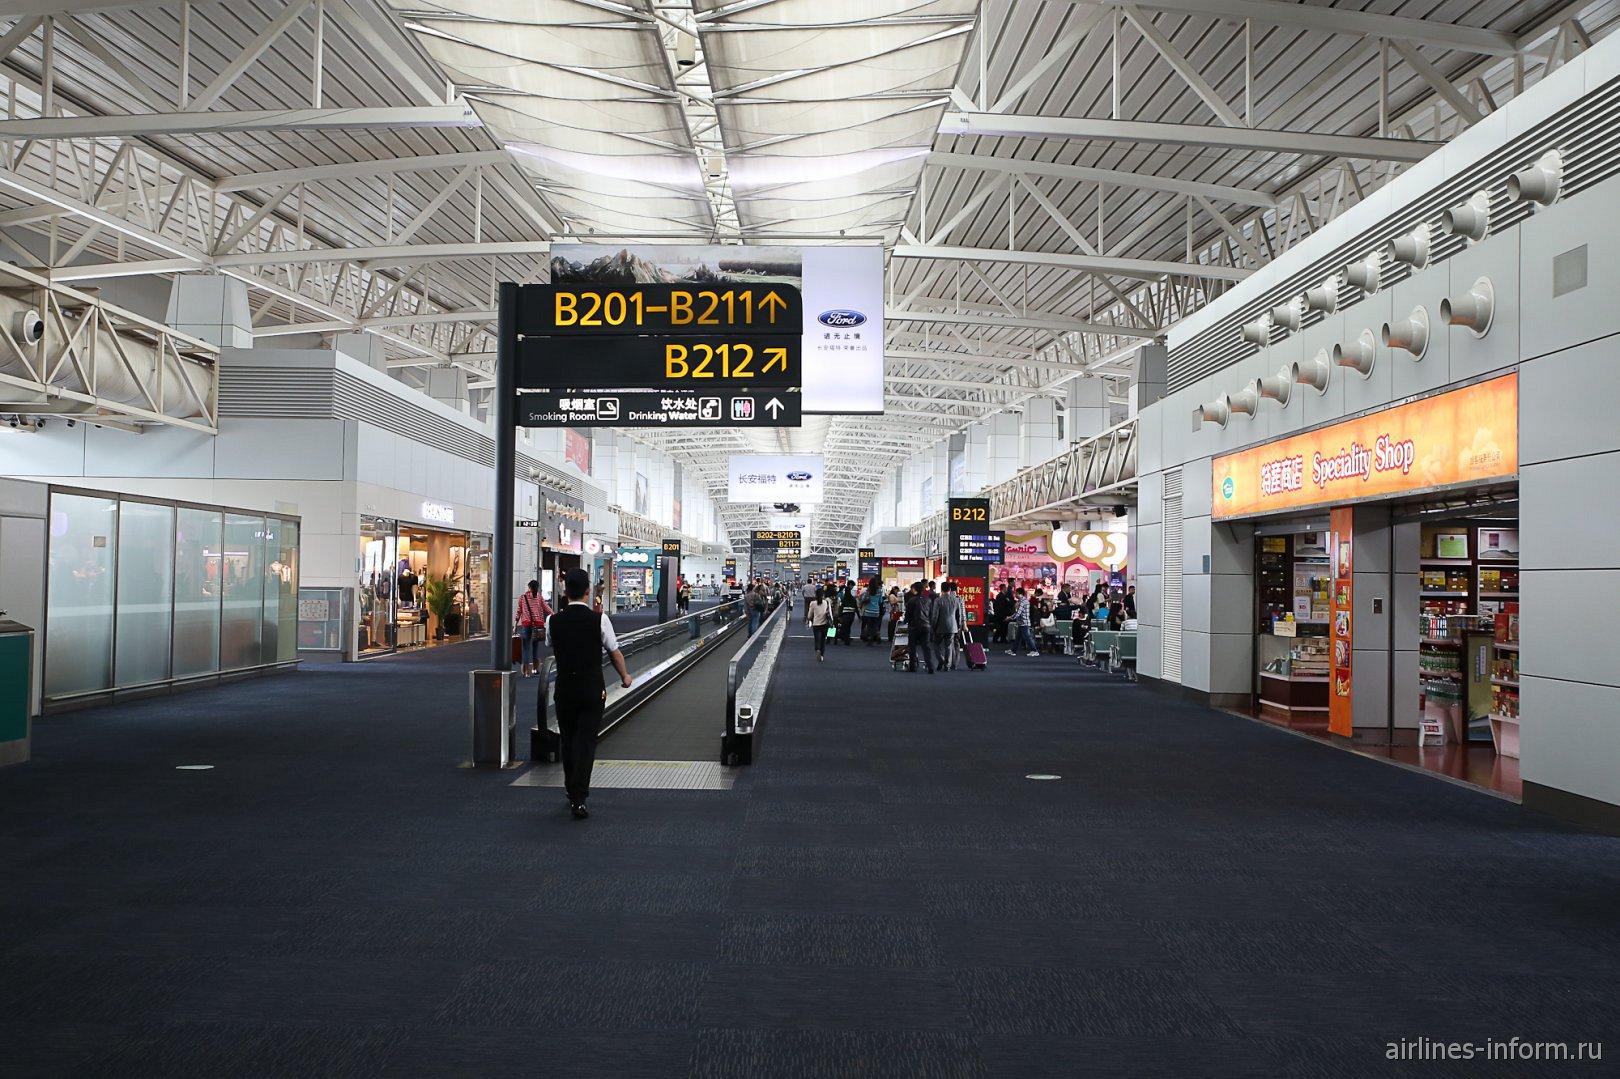 В чистой зоне внутренних вылетов аэропорта Гуанчжоу Байюнь